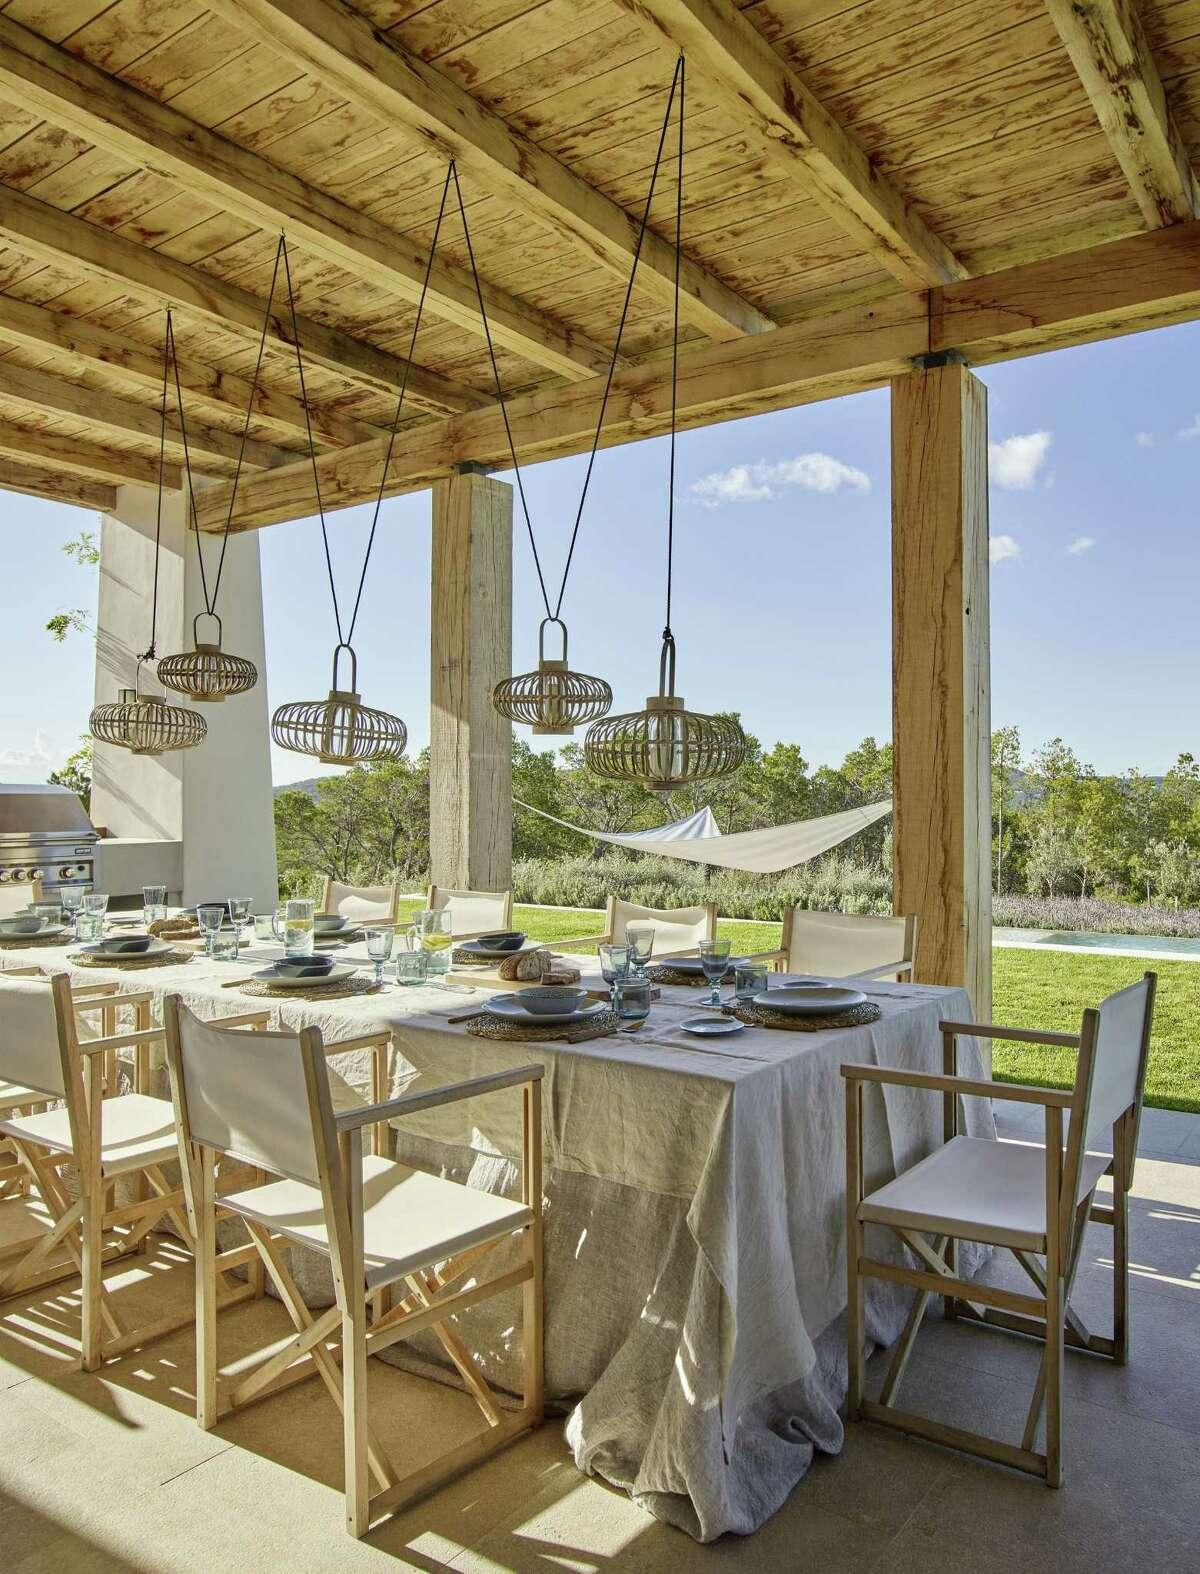 Dining al fresco is easy on the Mediterranean island of Ibiza.